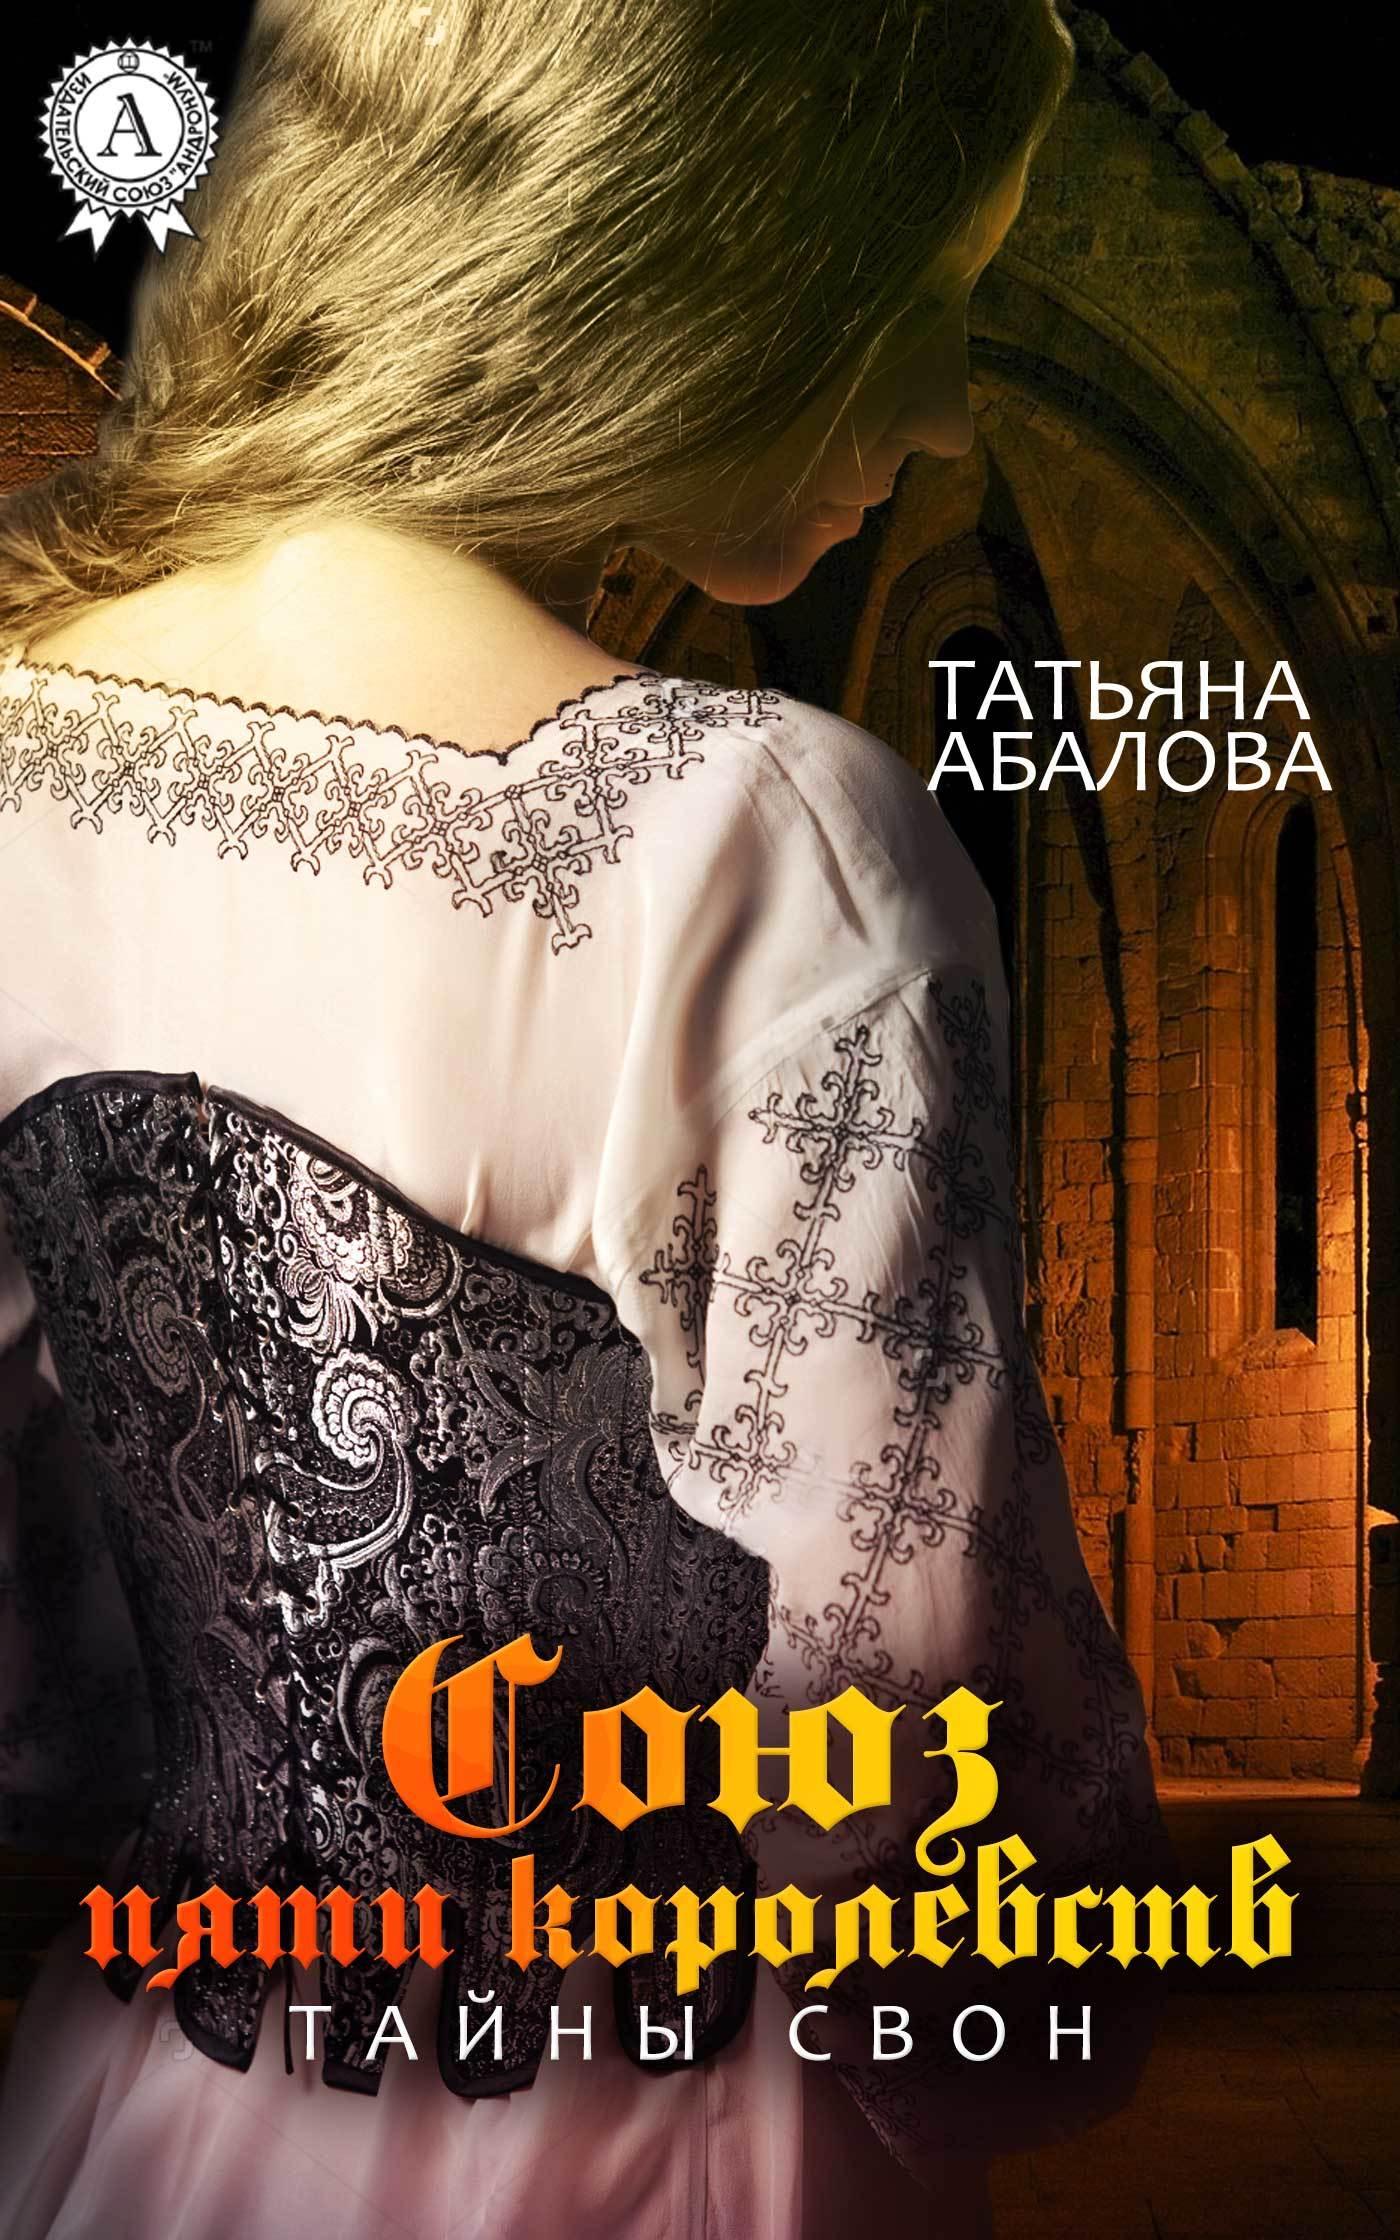 Татьяна Абалова - Союз пяти королевств. Тайны Свон